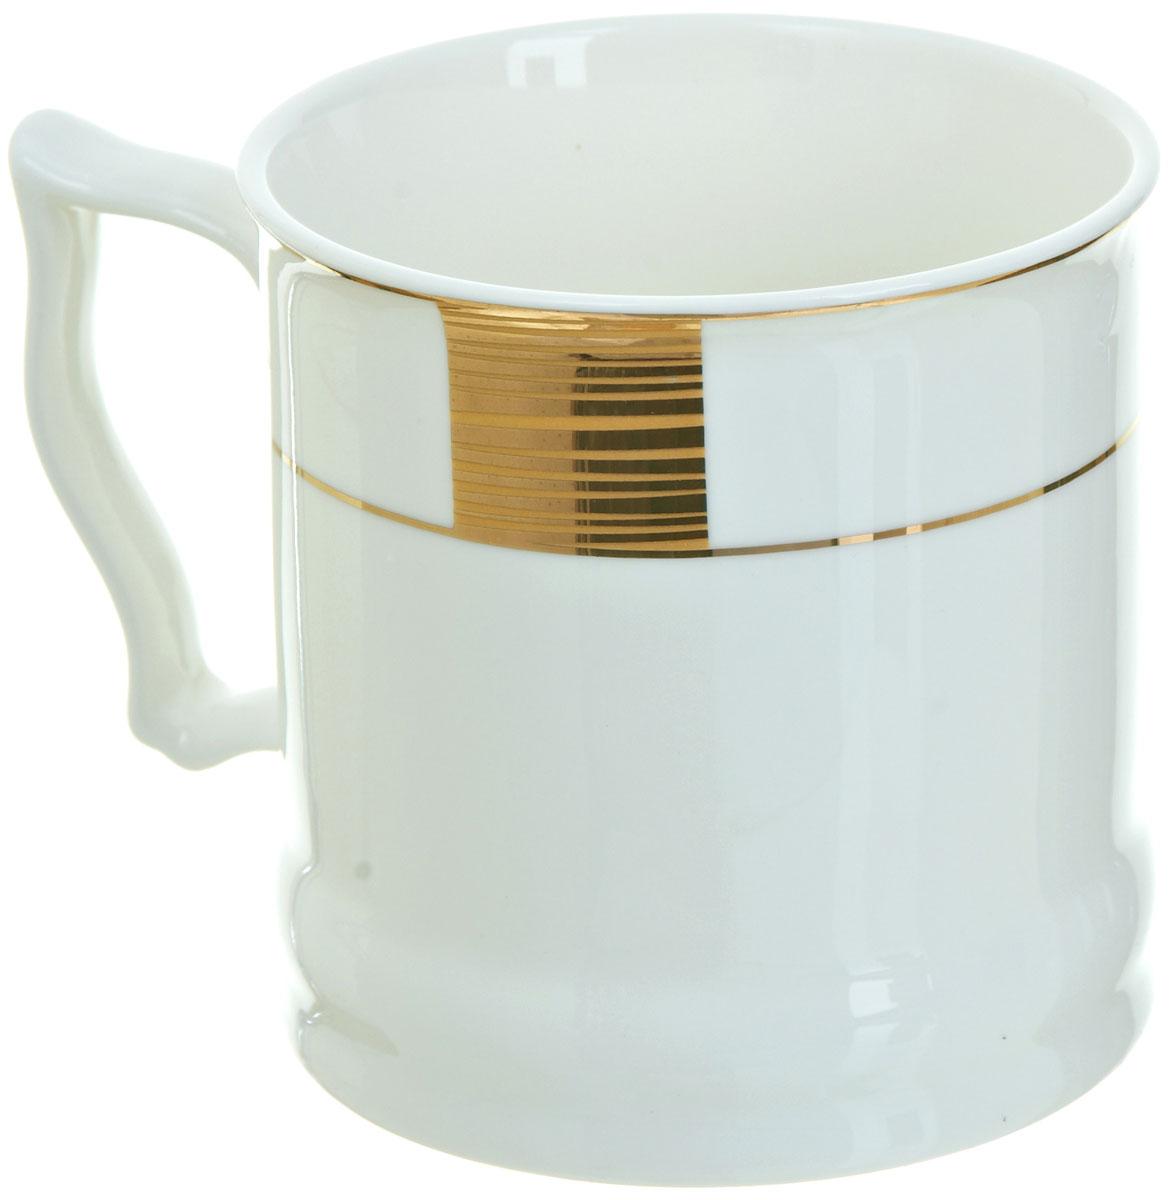 Кружка BHP Королевская кружка, 500 мл. M1870010M1870010Оригинальная кружка Best Home Porcelain, выполненная из высококачественного фарфора, сочетает в себе простой, утонченный дизайн с максимальной функциональностью. Оригинальность оформления придутся по вкусу тем, кто ценит индивидуальность. В комплект входит кружка. Можно использовать в ПММ.